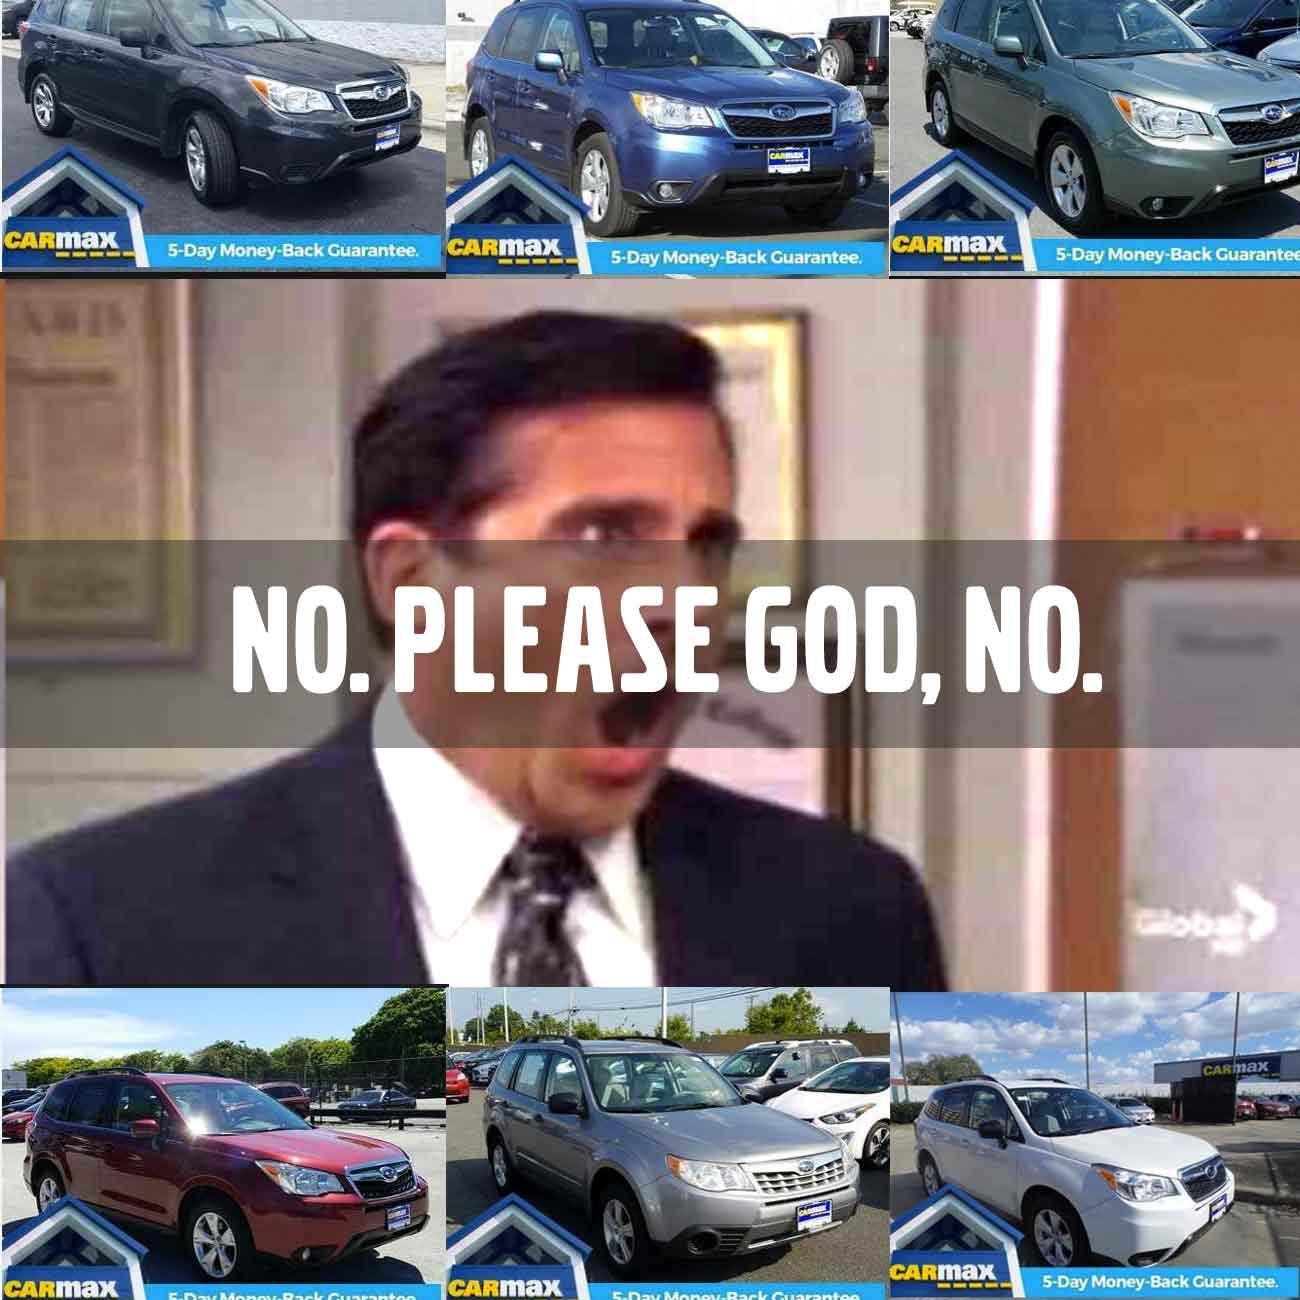 No. Please, God, No.